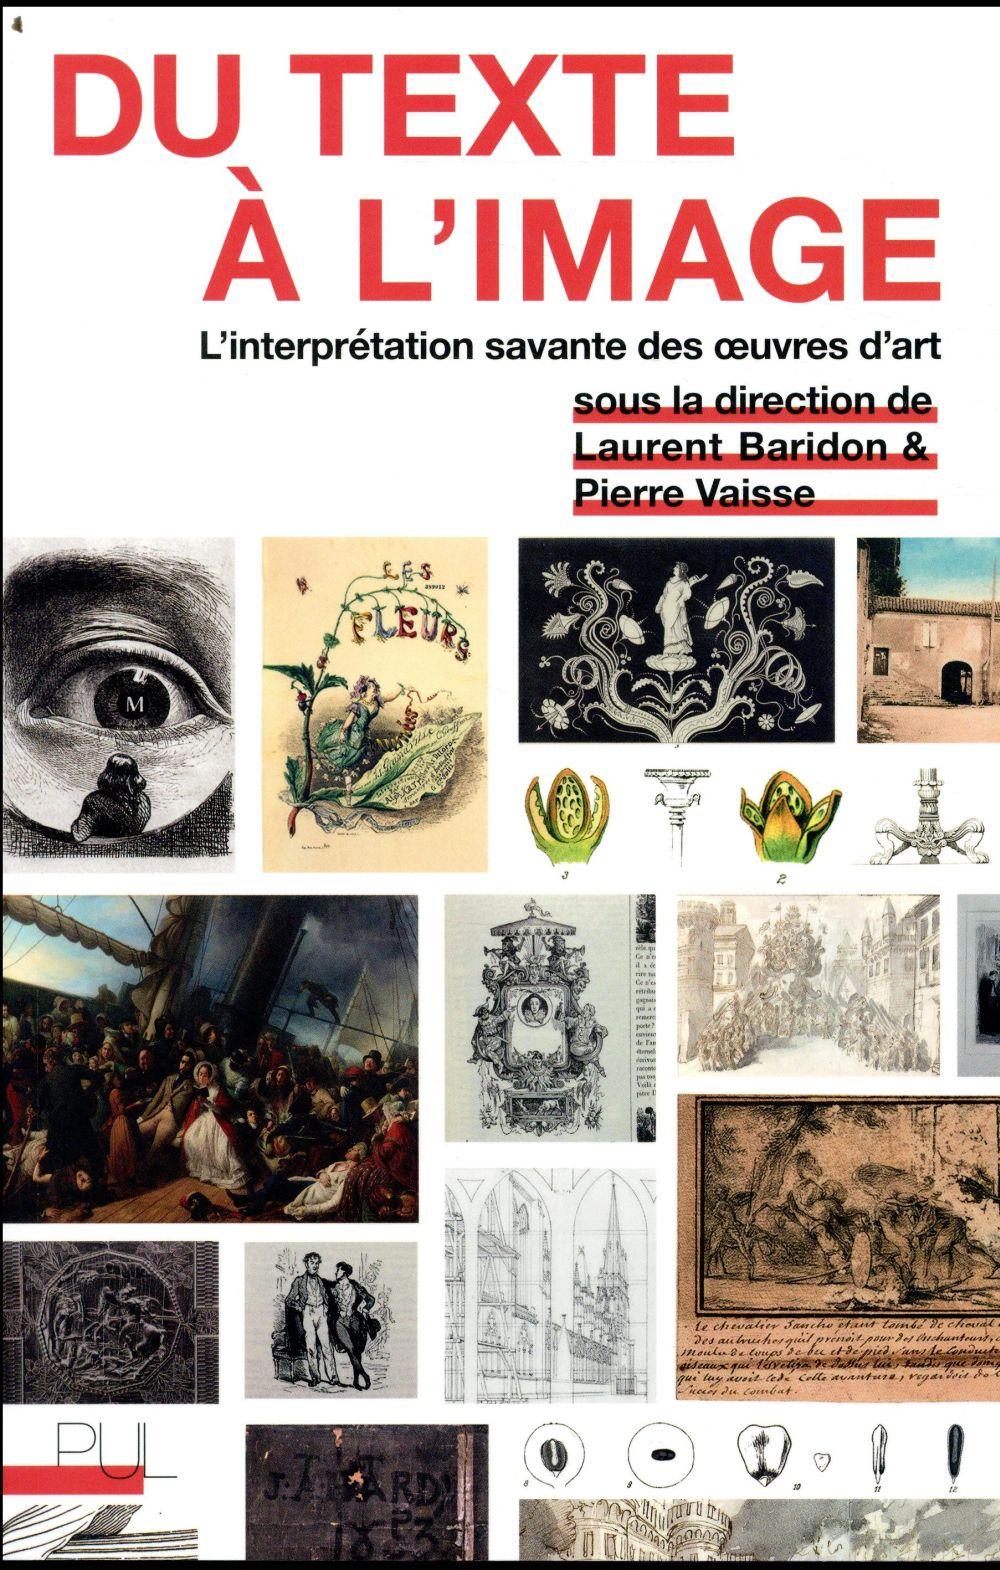 Du texte à l'image ; l'interprétation savante des oeuvres d'art